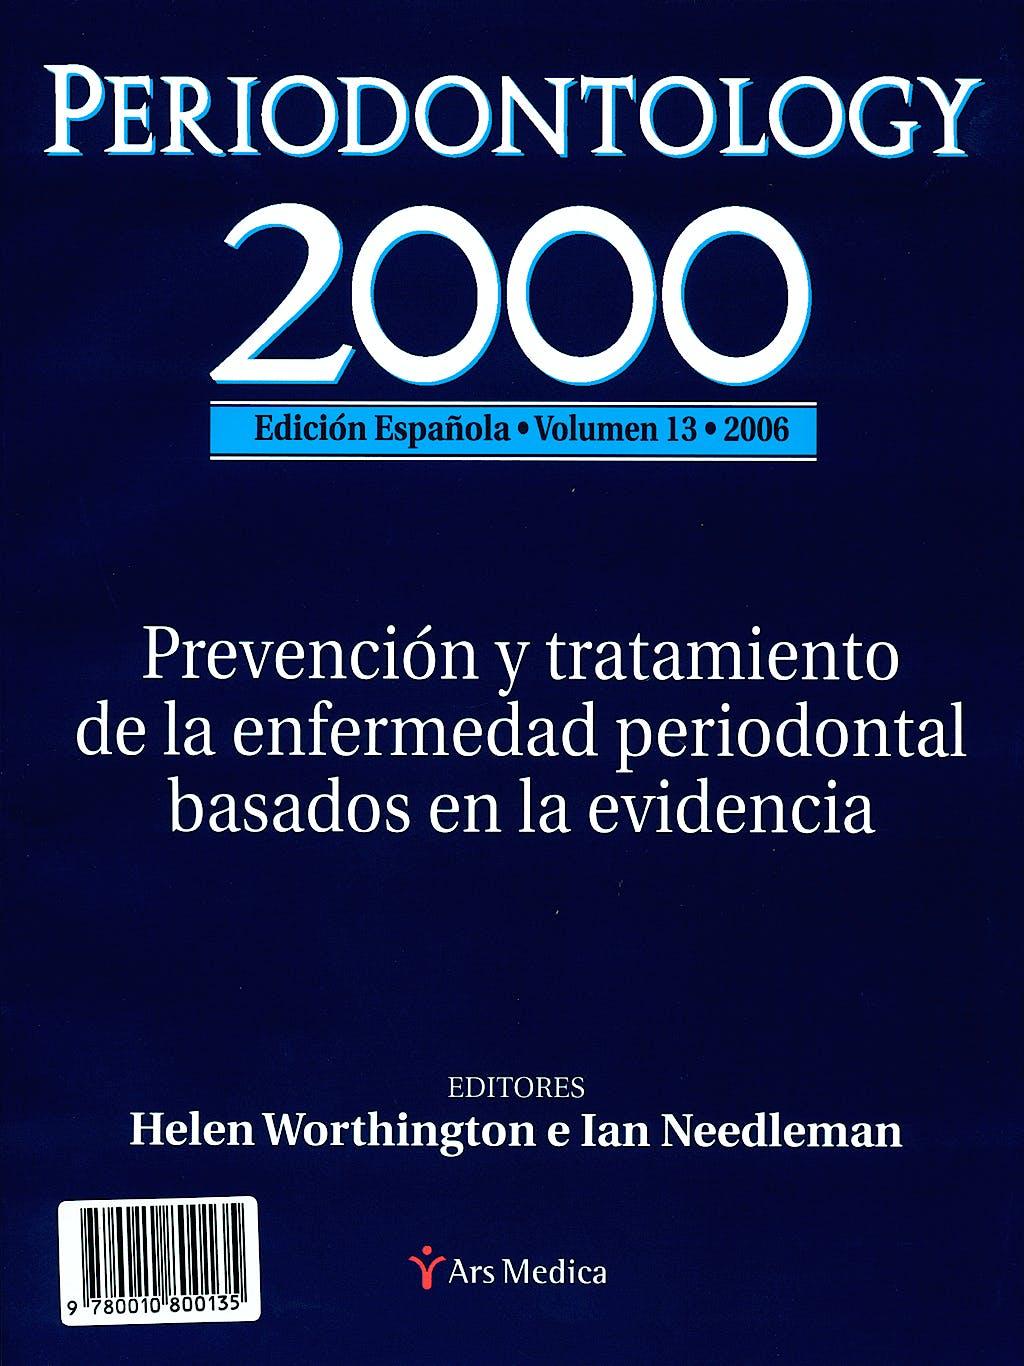 Portada del libro 9780010800135 Prevencion y Tratamiento de la Enfermedad Periodontal Basados en la Evidencia, Periodontology 2000, Edicion Española, Vol. 13, 2006